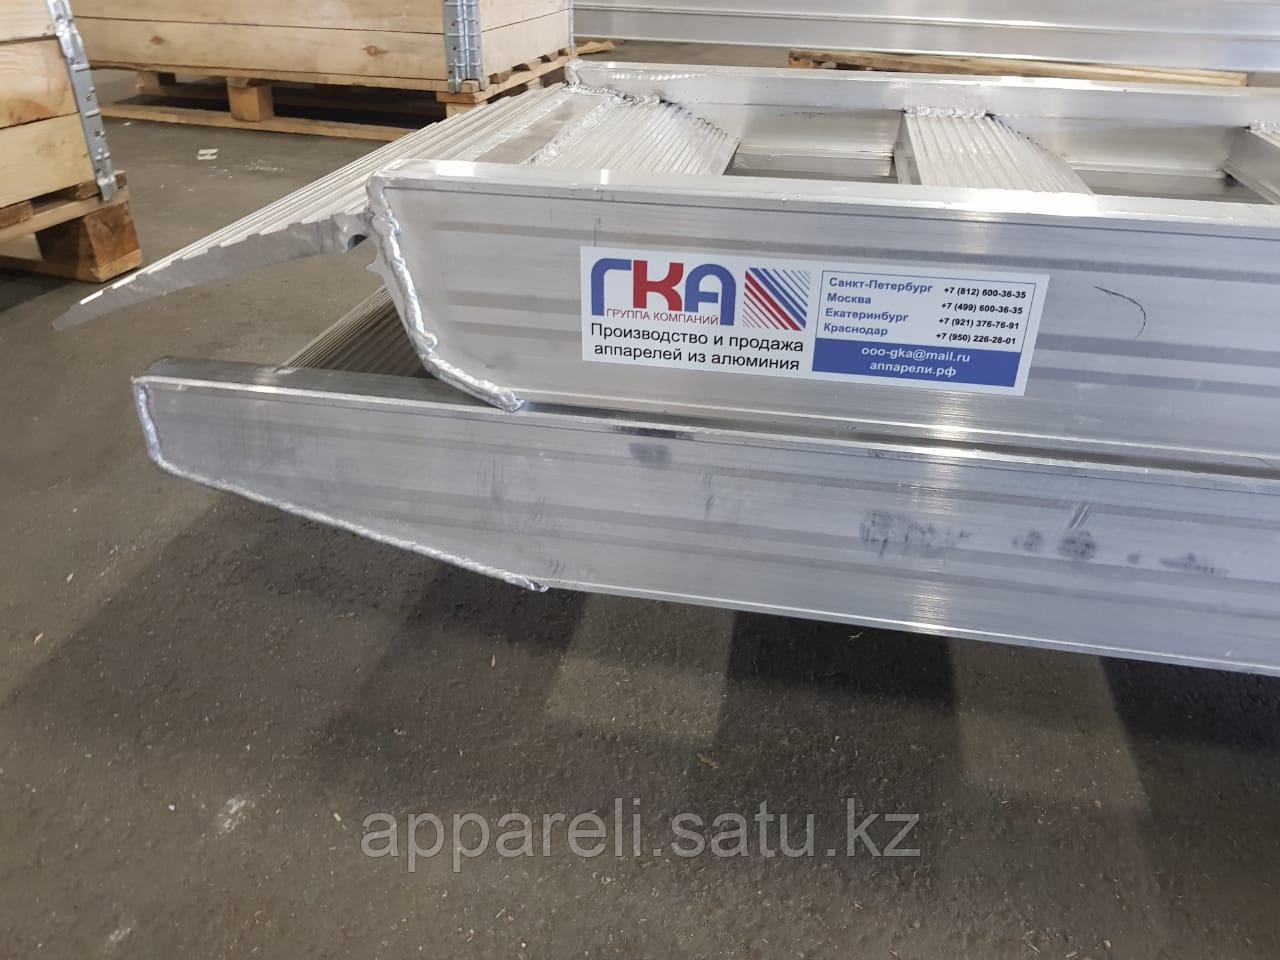 Погрузочные рампы из алюминия 8500 кг